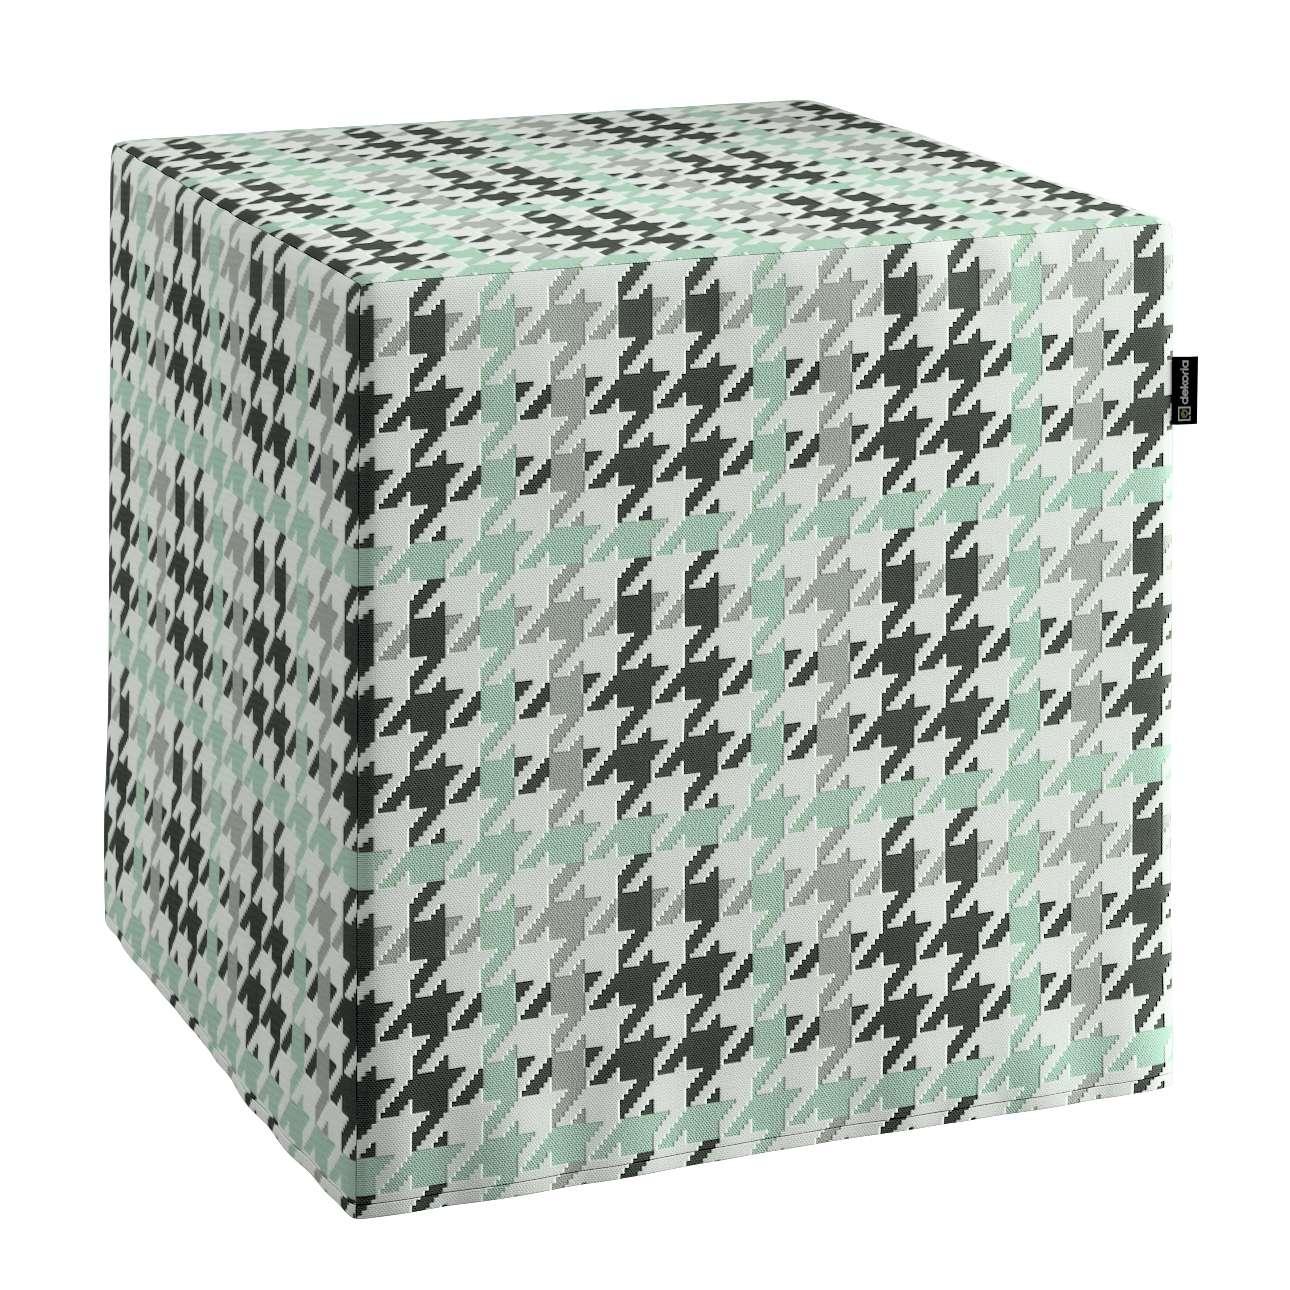 Pufo užvalkalas 40x40x40 cm kubas kolekcijoje Brooklyn, audinys: 137-77